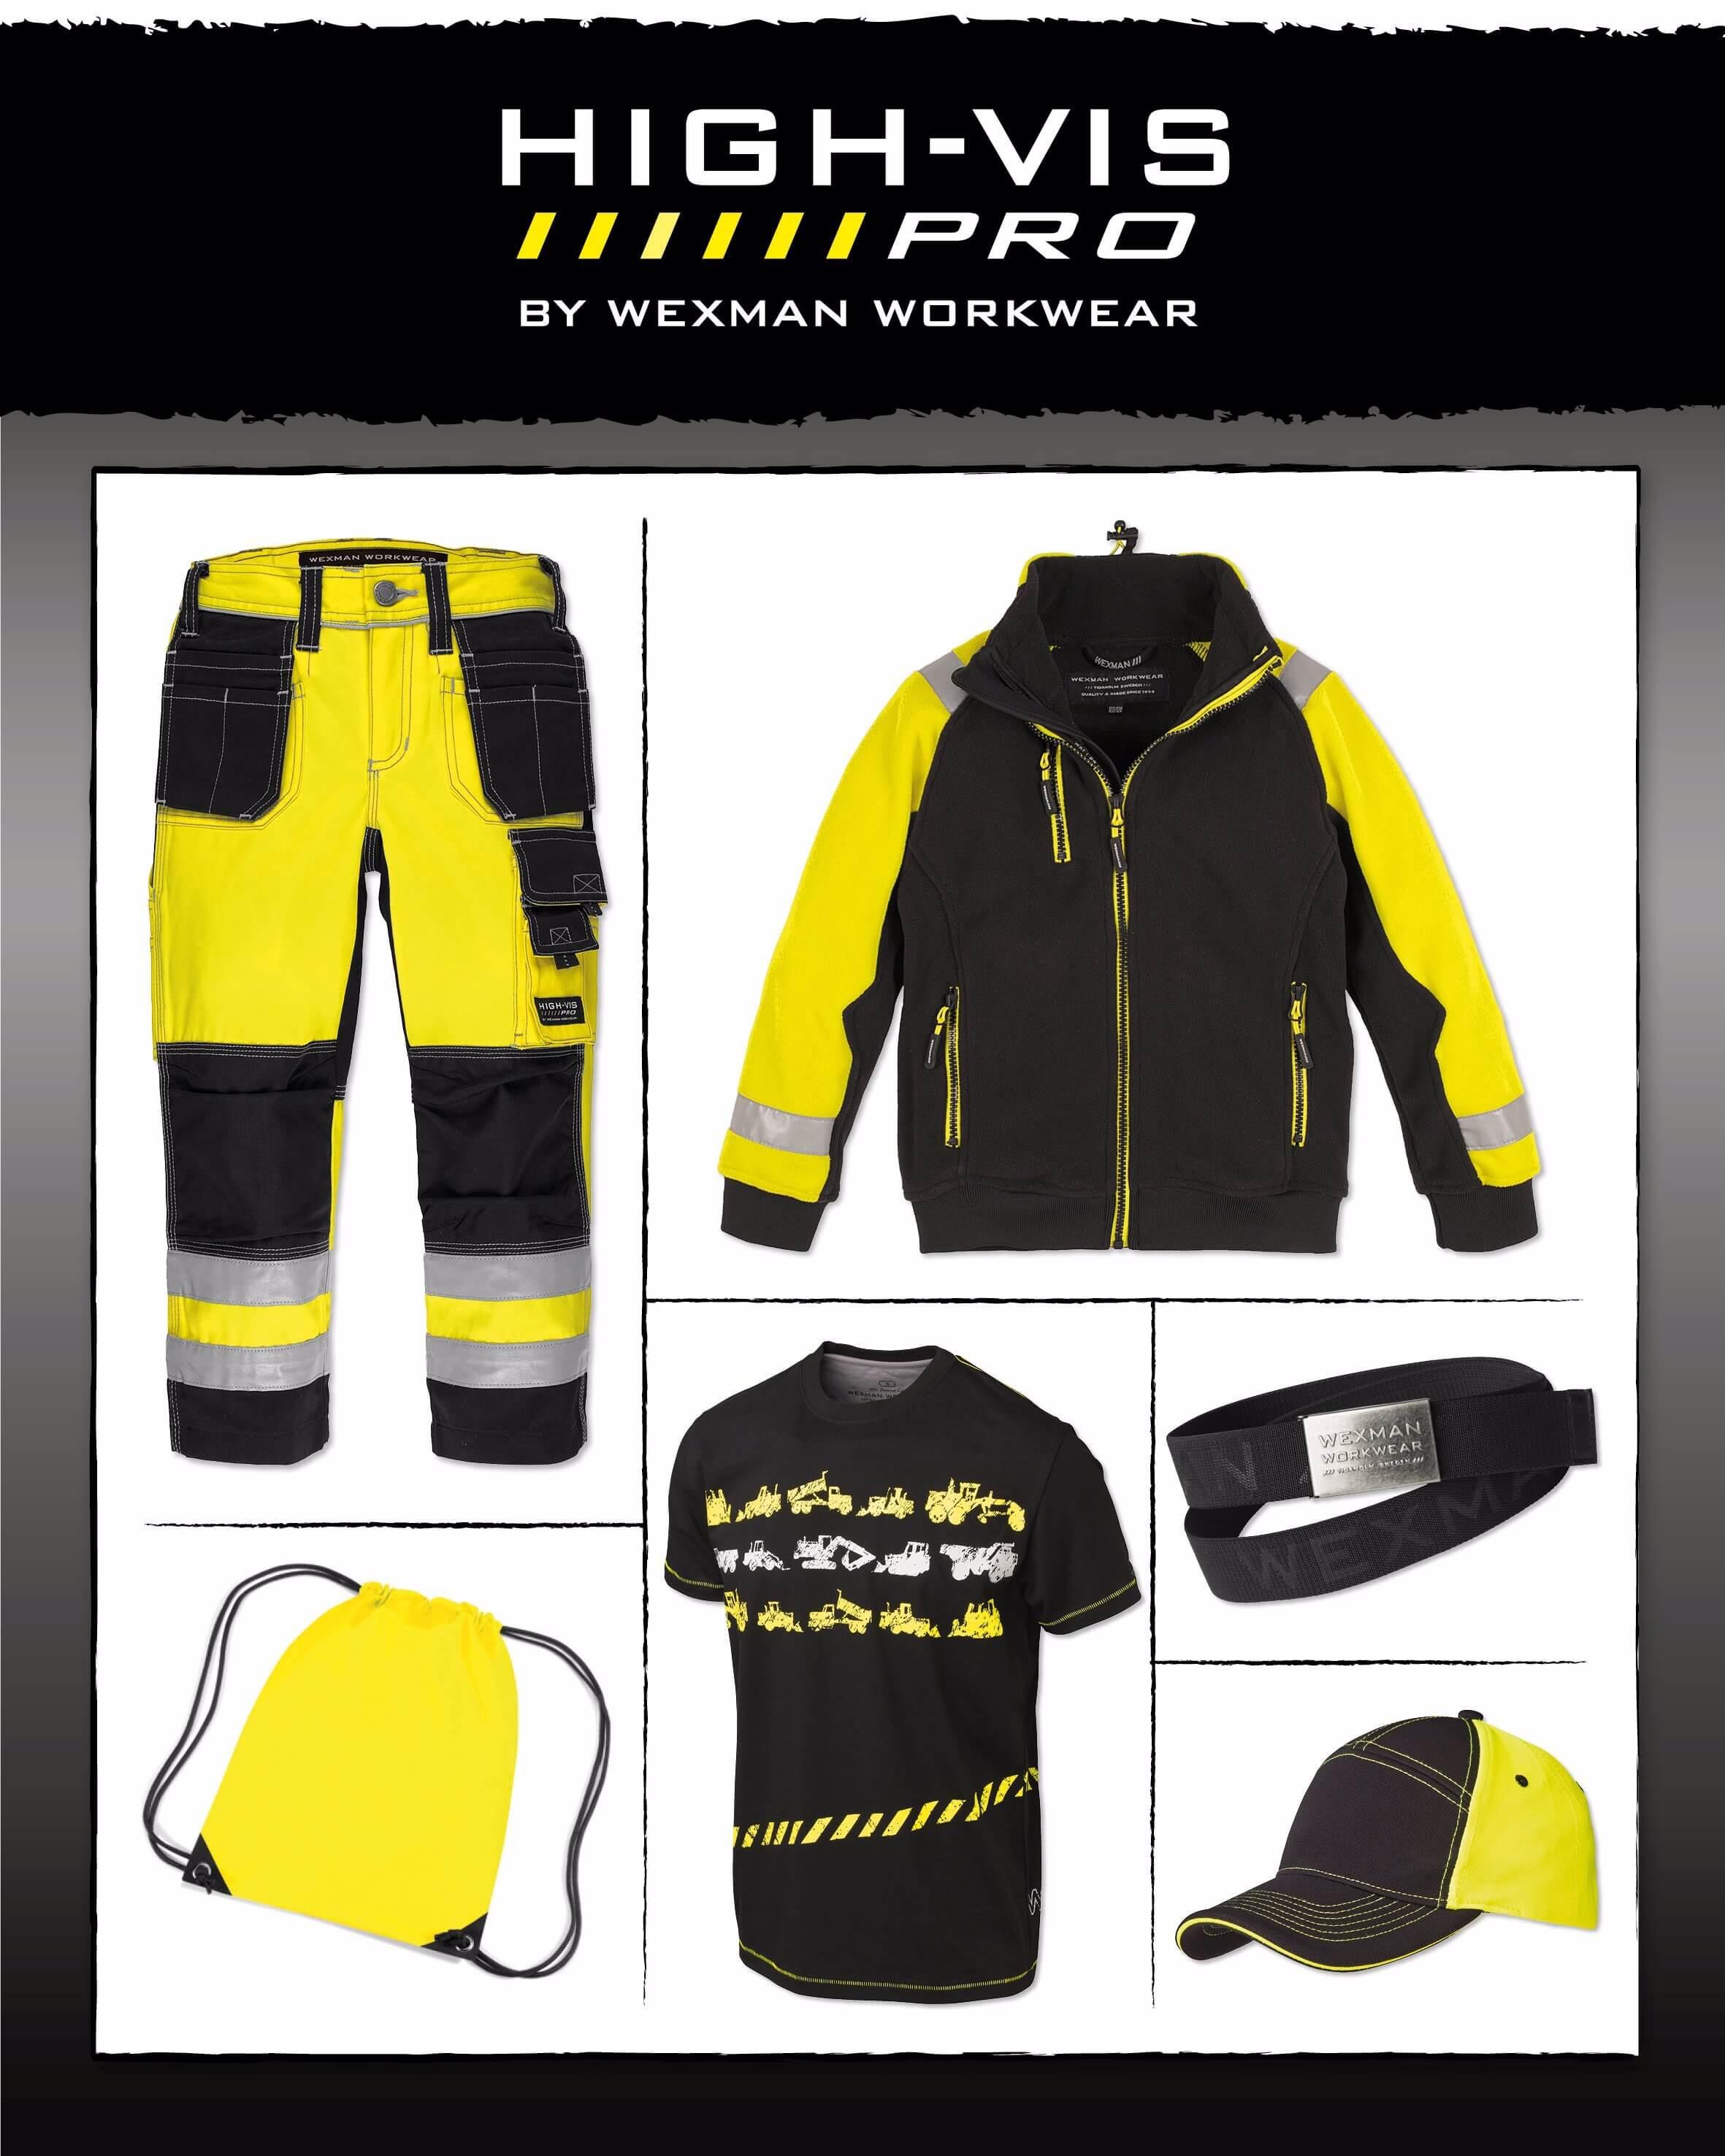 68f39b3c9dad Komplett paket med arbetskläder för barn | Wexman Workwear®